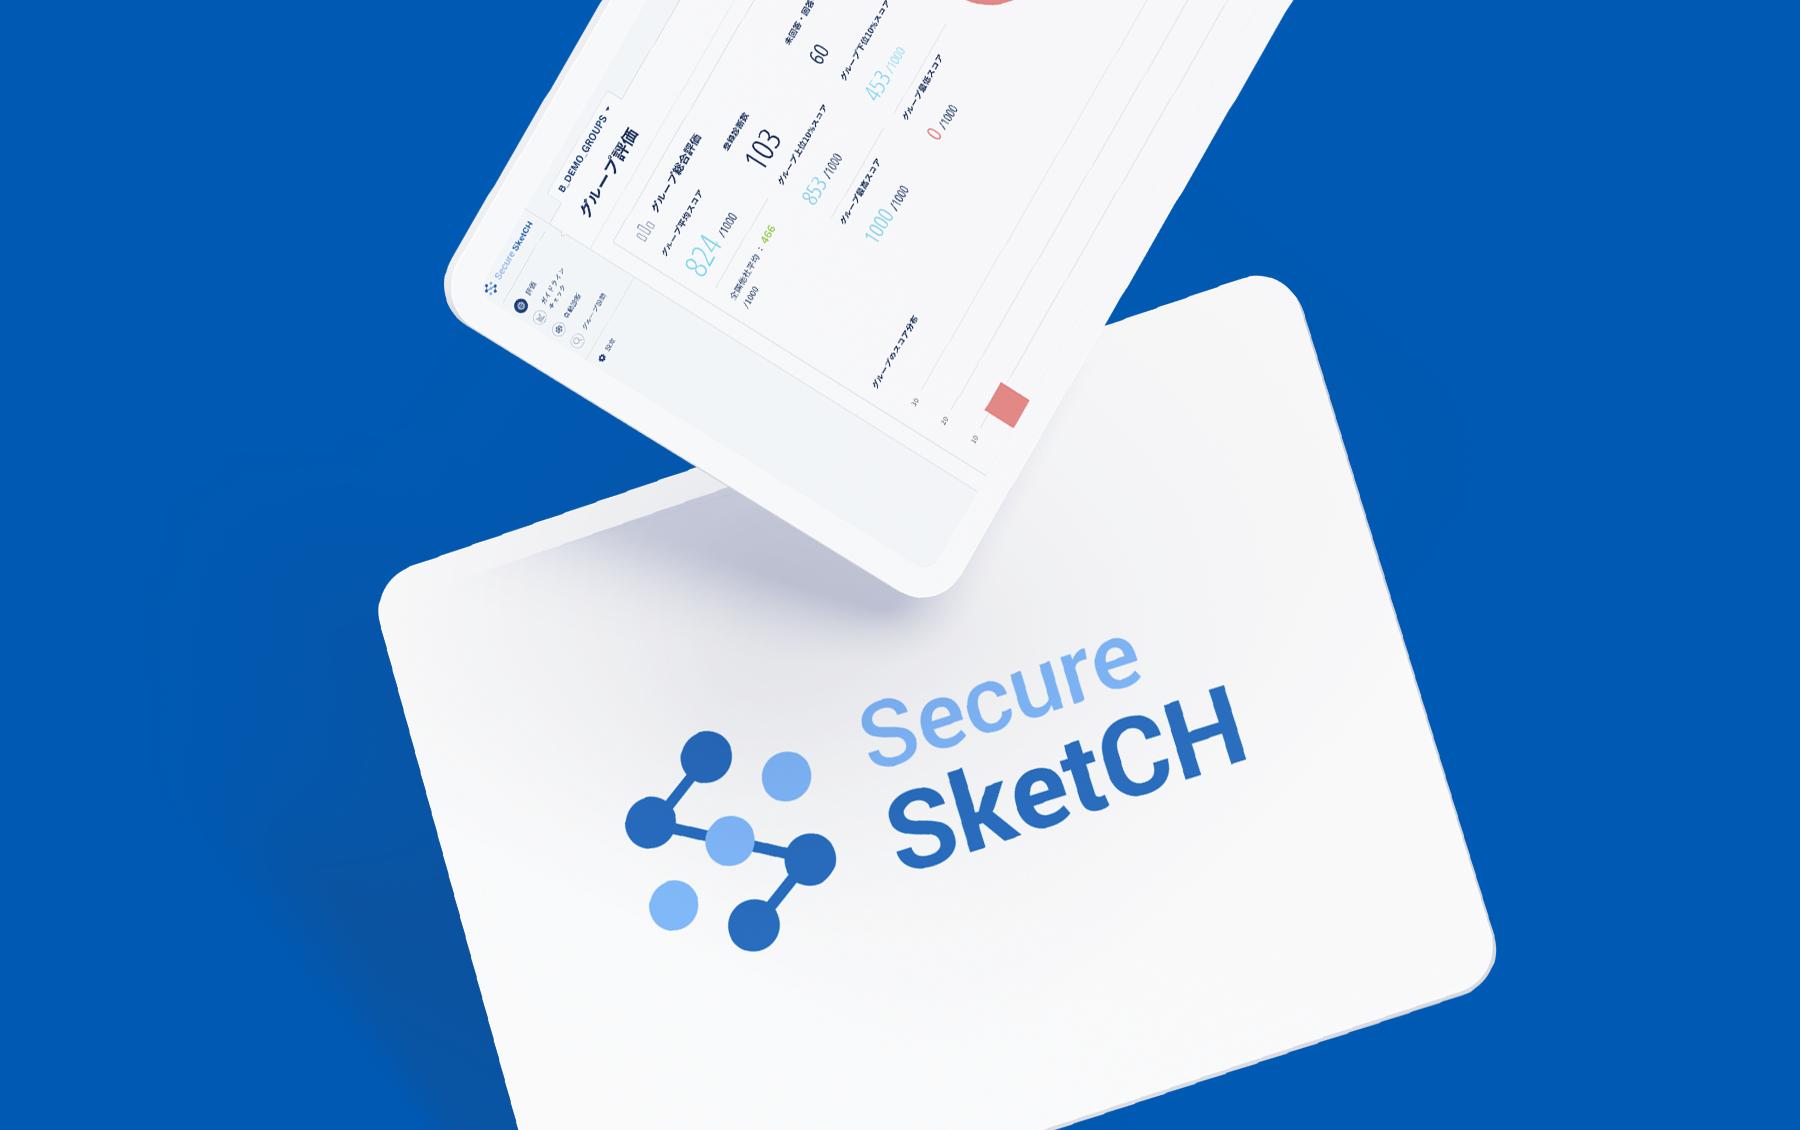 SecureSketch